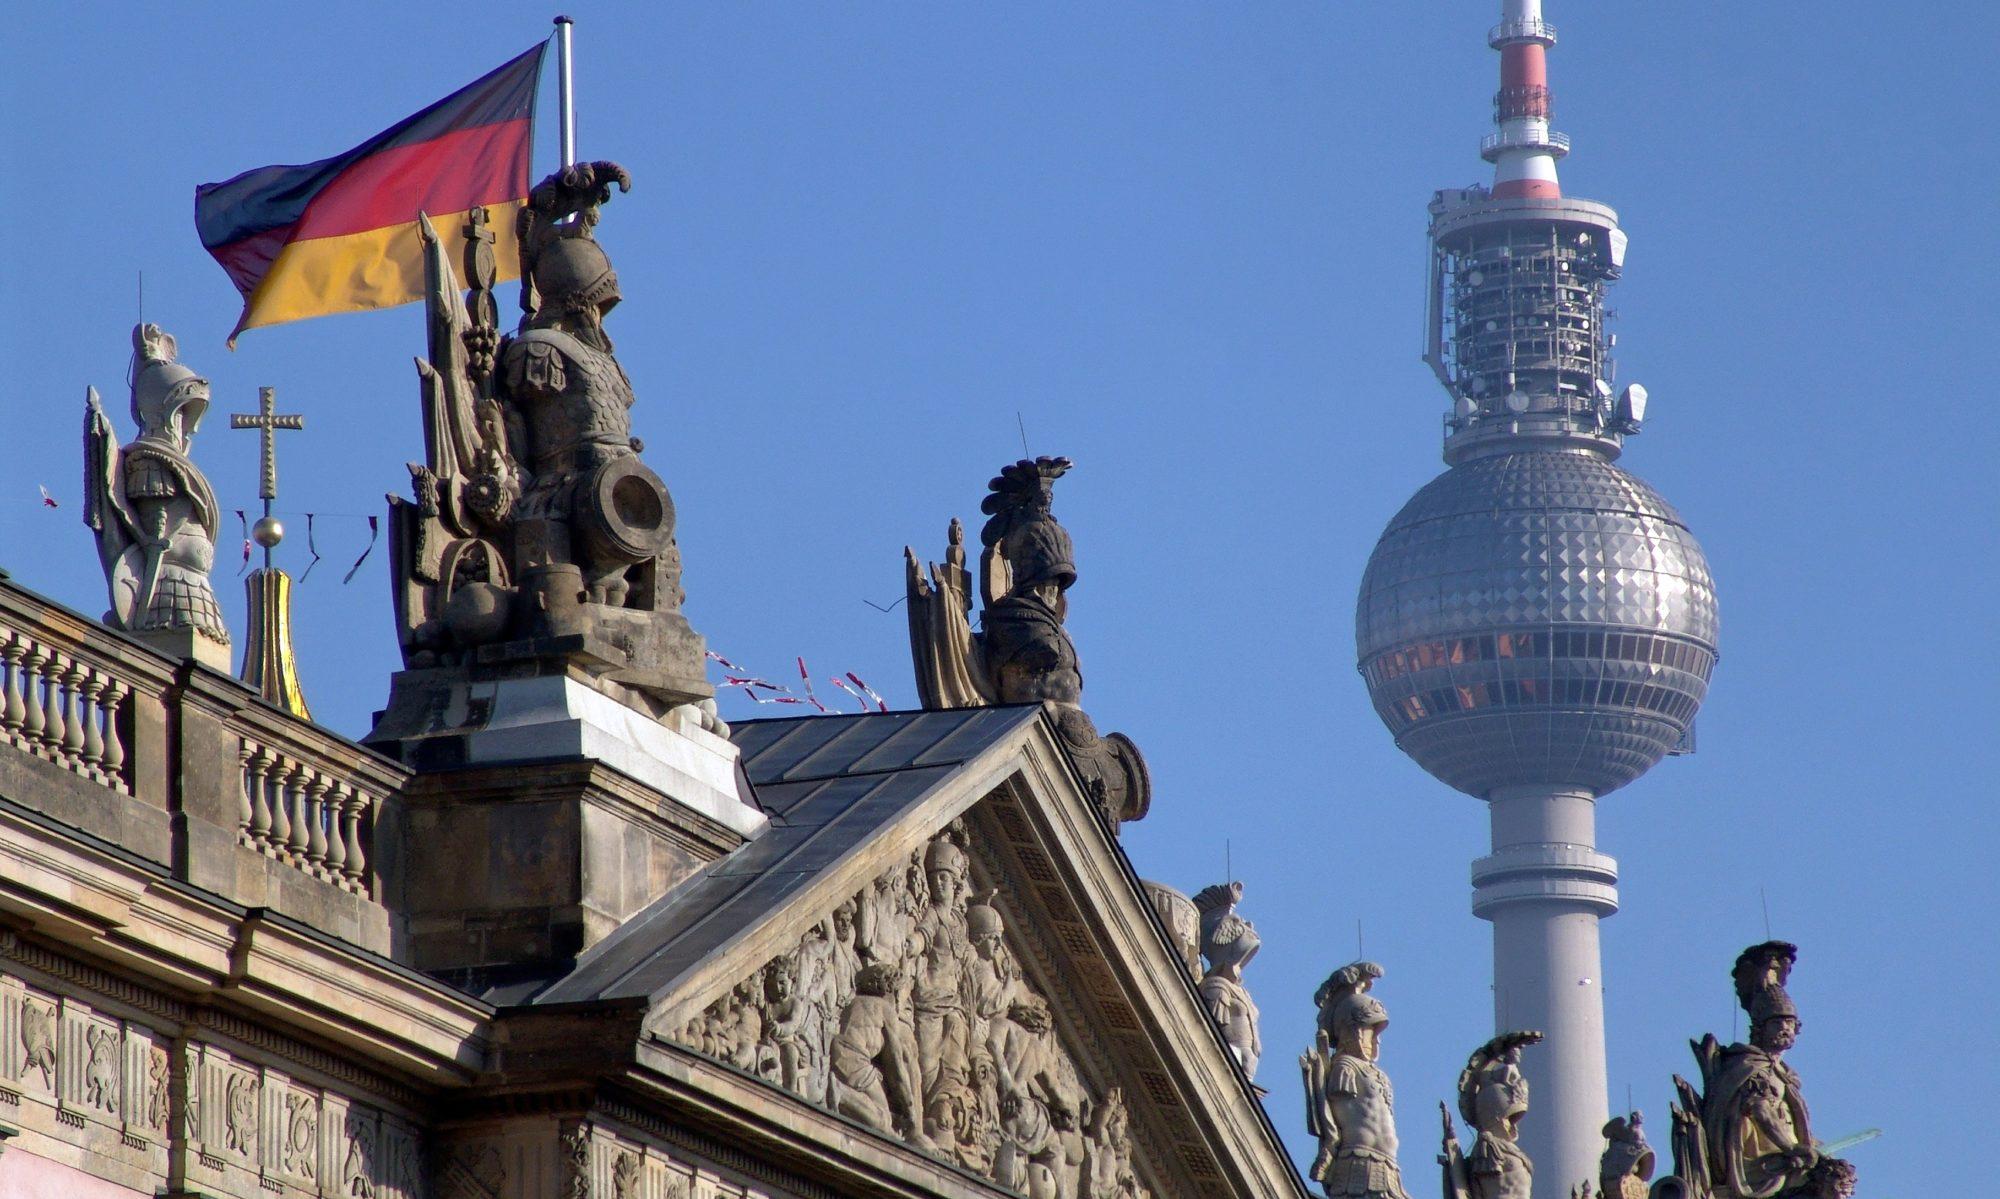 Przewodnik po Berlinie i Poczdamie oprowadzanie turystów